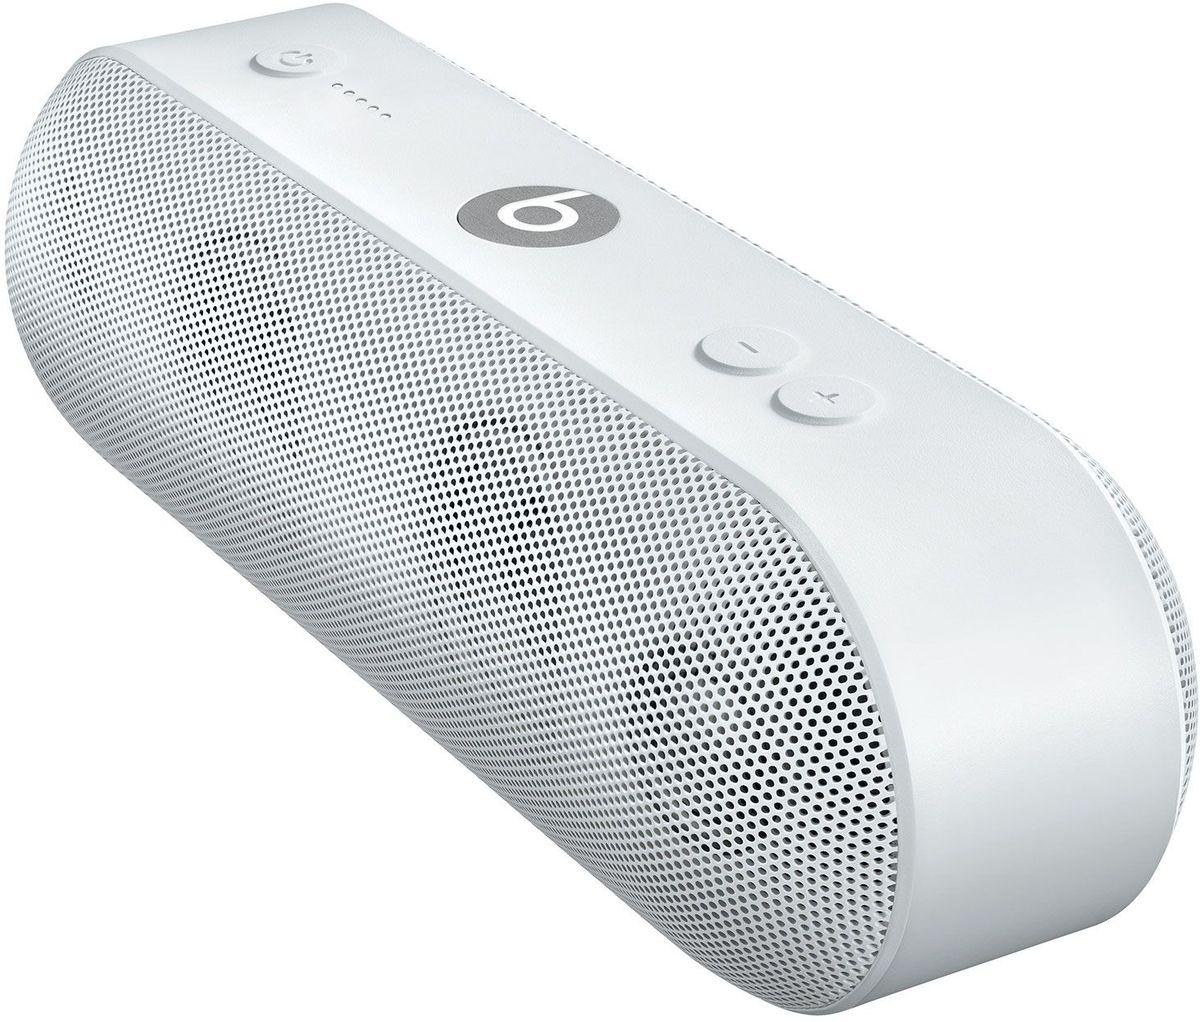 Beats Pill+, White портативная акустическая системаML4P2ZE/AАкустическая система Beats Pill+ полностью портативна и наполняет комнату богатым и чистым звучанием - удивительно мощным и чётким. Стильный интерфейс Beats Pill+ интуитивно понятен и открывает совершенно новые возможности для совместного прослушивания музыки.Стереосистема с активным двухканальным кроссовером создаёт великолепное звуковое поле с широким динамическим диапазоном и чётким звучанием во всех музыкальных жанрах. В раздельных динамиках высоких и низких частот используется такая же акустическая схема, как в профессиональных студиях звукозаписи по всему миру.Благодаря продуманному дизайну Beats Pill+ звучит так же хорошо, как и выглядит. В его простом и интуитивно понятном интерфейсе нет ничего лишнего, и включить любимую музыку очень легко.Объедините Beats Pill+ в пару с iPhone, MacBook или любым другим устройством Bluetooth, чтобы слушать музыку, смотреть видео и играть в игры с великолепным качеством звука. Или объедините их в пару с Apple Watch для максимального удобства.Beats Pill+ работает 12 часов без подзарядки - слушайте музыку целый день. Нет времени ждать? Зарядите динамик через прилагаемый кабель Lightning и адаптер питания всего за три часа. Индикатор заряда позволяет отслеживать оставшееся время работы аккумулятора.Пусть музыка играет без остановки: заряжайте iPhone или внешнее музыкальное устройство от динамика Beats Pill+.Загрузите приложение Beats Pill+ из App Store, чтобы разблокировать функции, которые помогут вам с друзьями погрузиться в яркий мир музыки. Подключите второй динамик и слушайте музыку совершенно по-новому. Получайте программные обновления и обращайтесь за технической поддержкой в приложении.